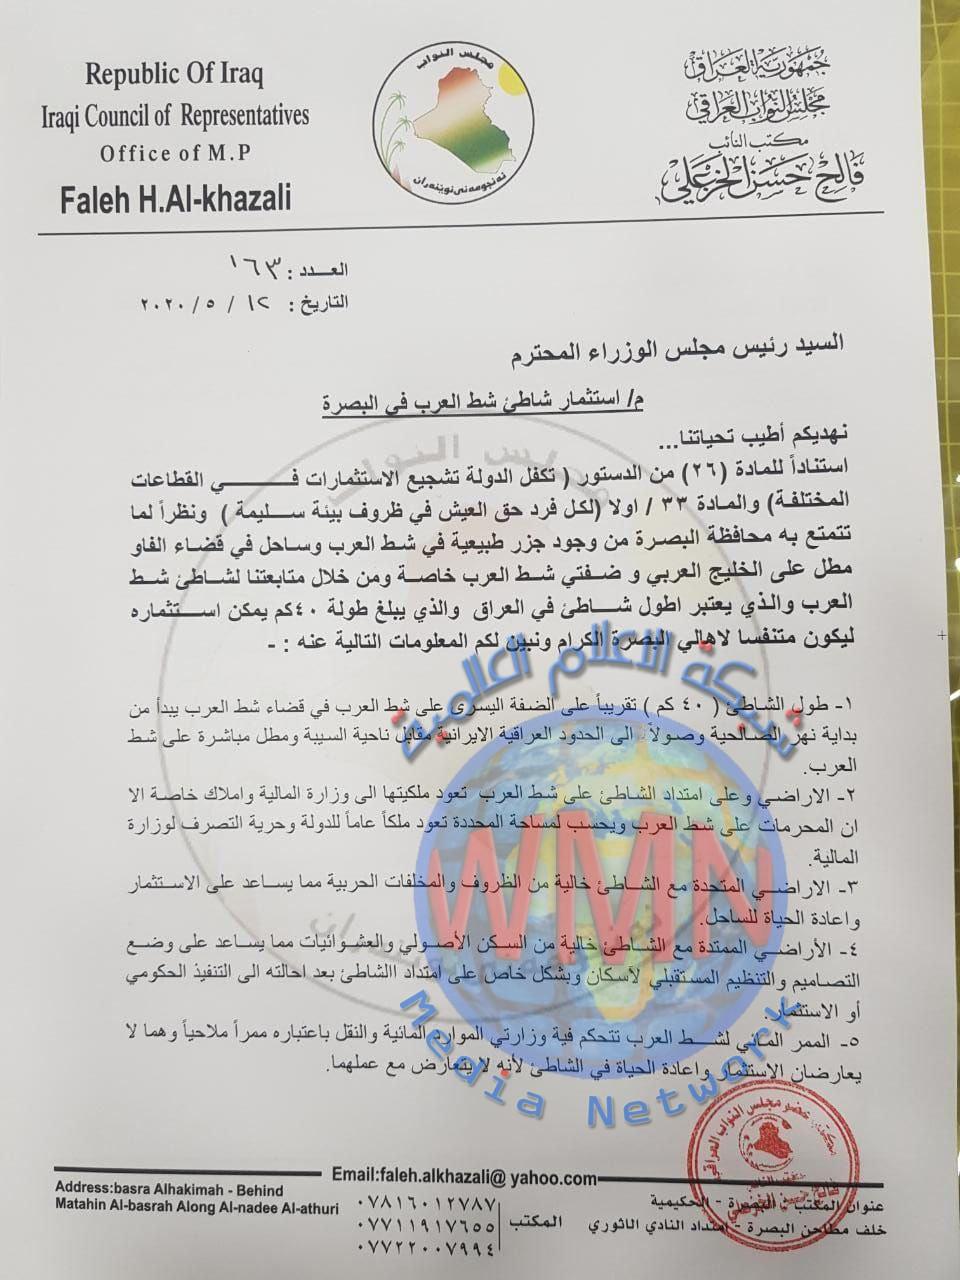 بالوثيقة.. نائب يقدم مقترحا لتحويل شط العرب الى مناطق سياحية دون تكلفة مالية